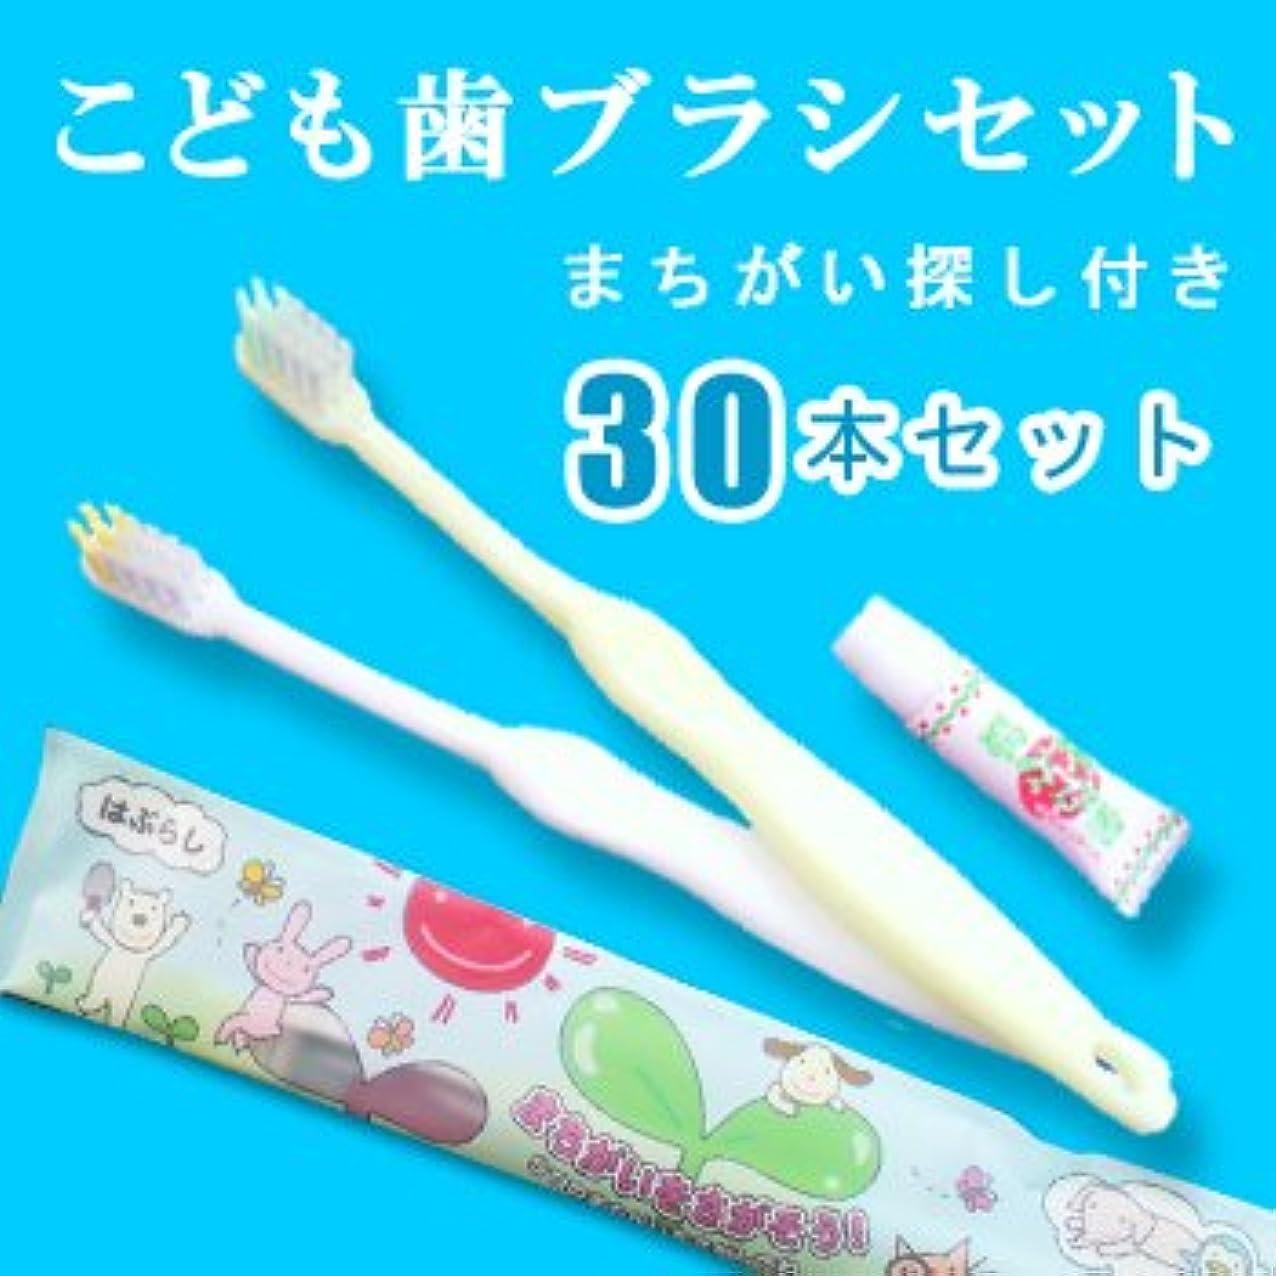 来て海上とティームこども歯ブラシ いちご味の歯磨き粉3gチューブ付 ホワイト?イエロー各15本アソート(1セット30本)